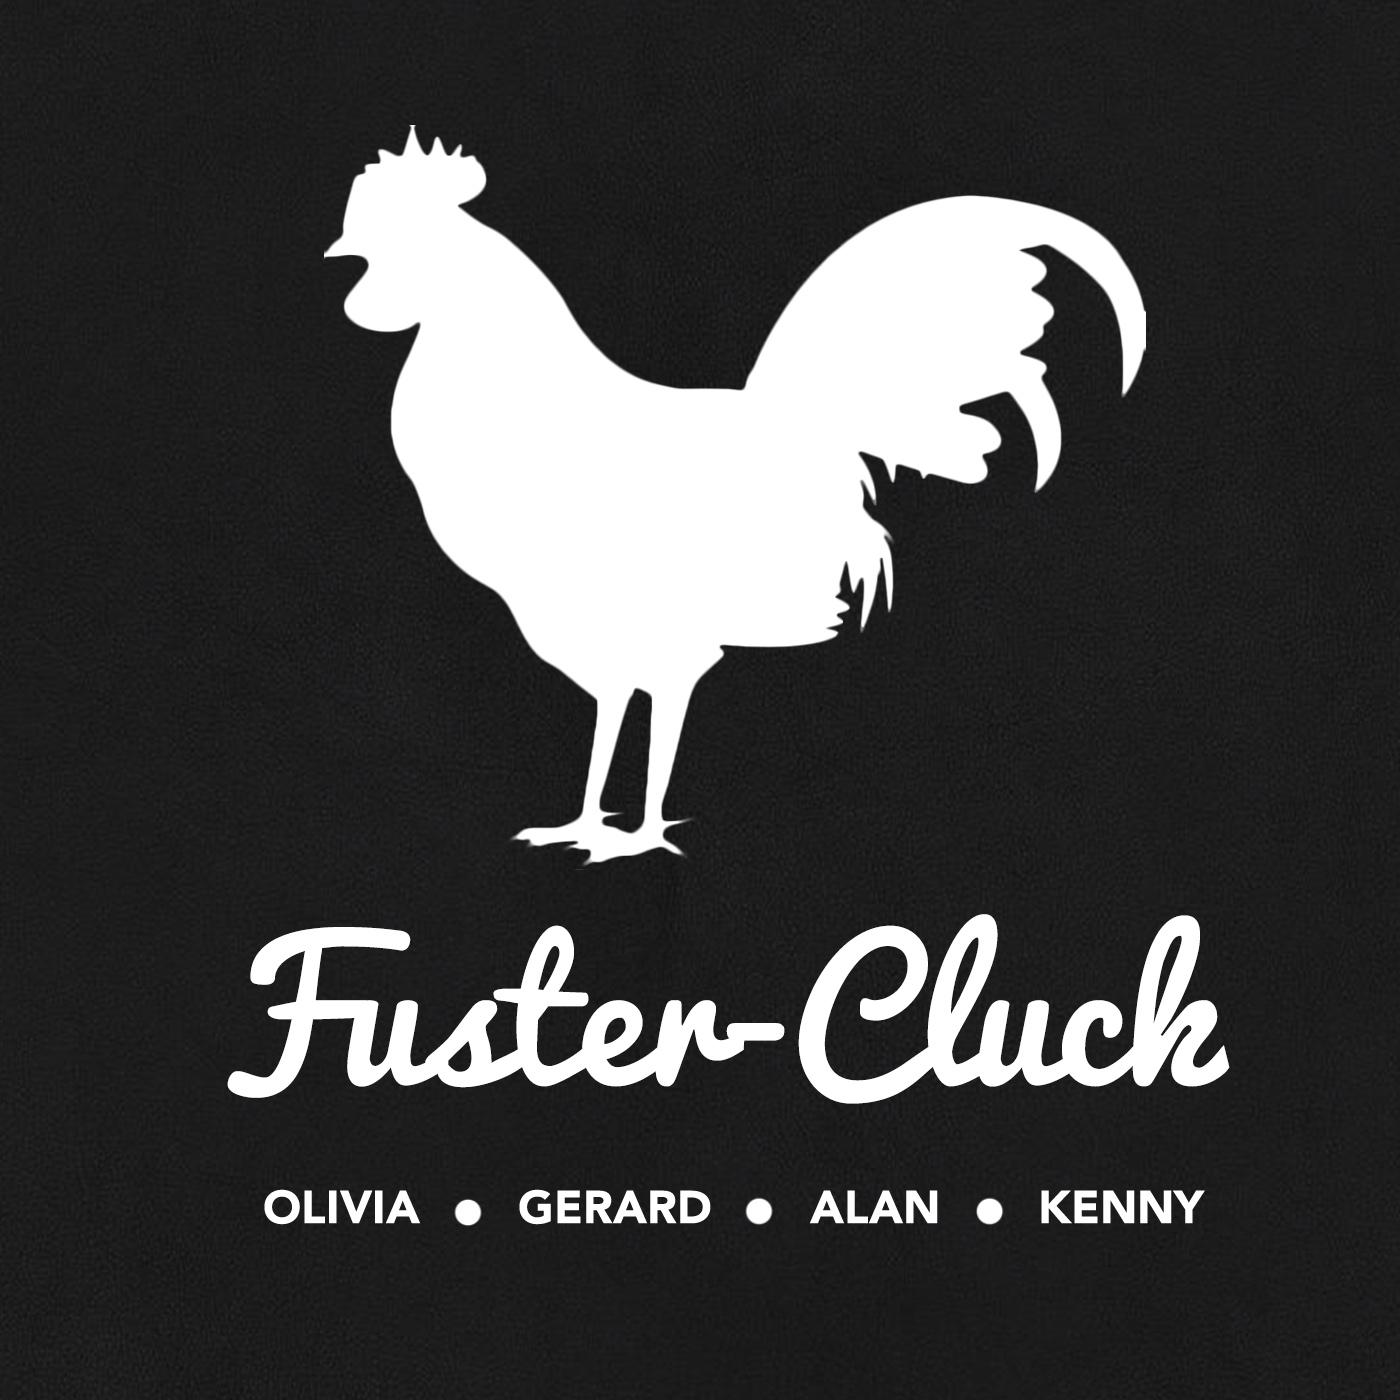 FusterCluck - OG